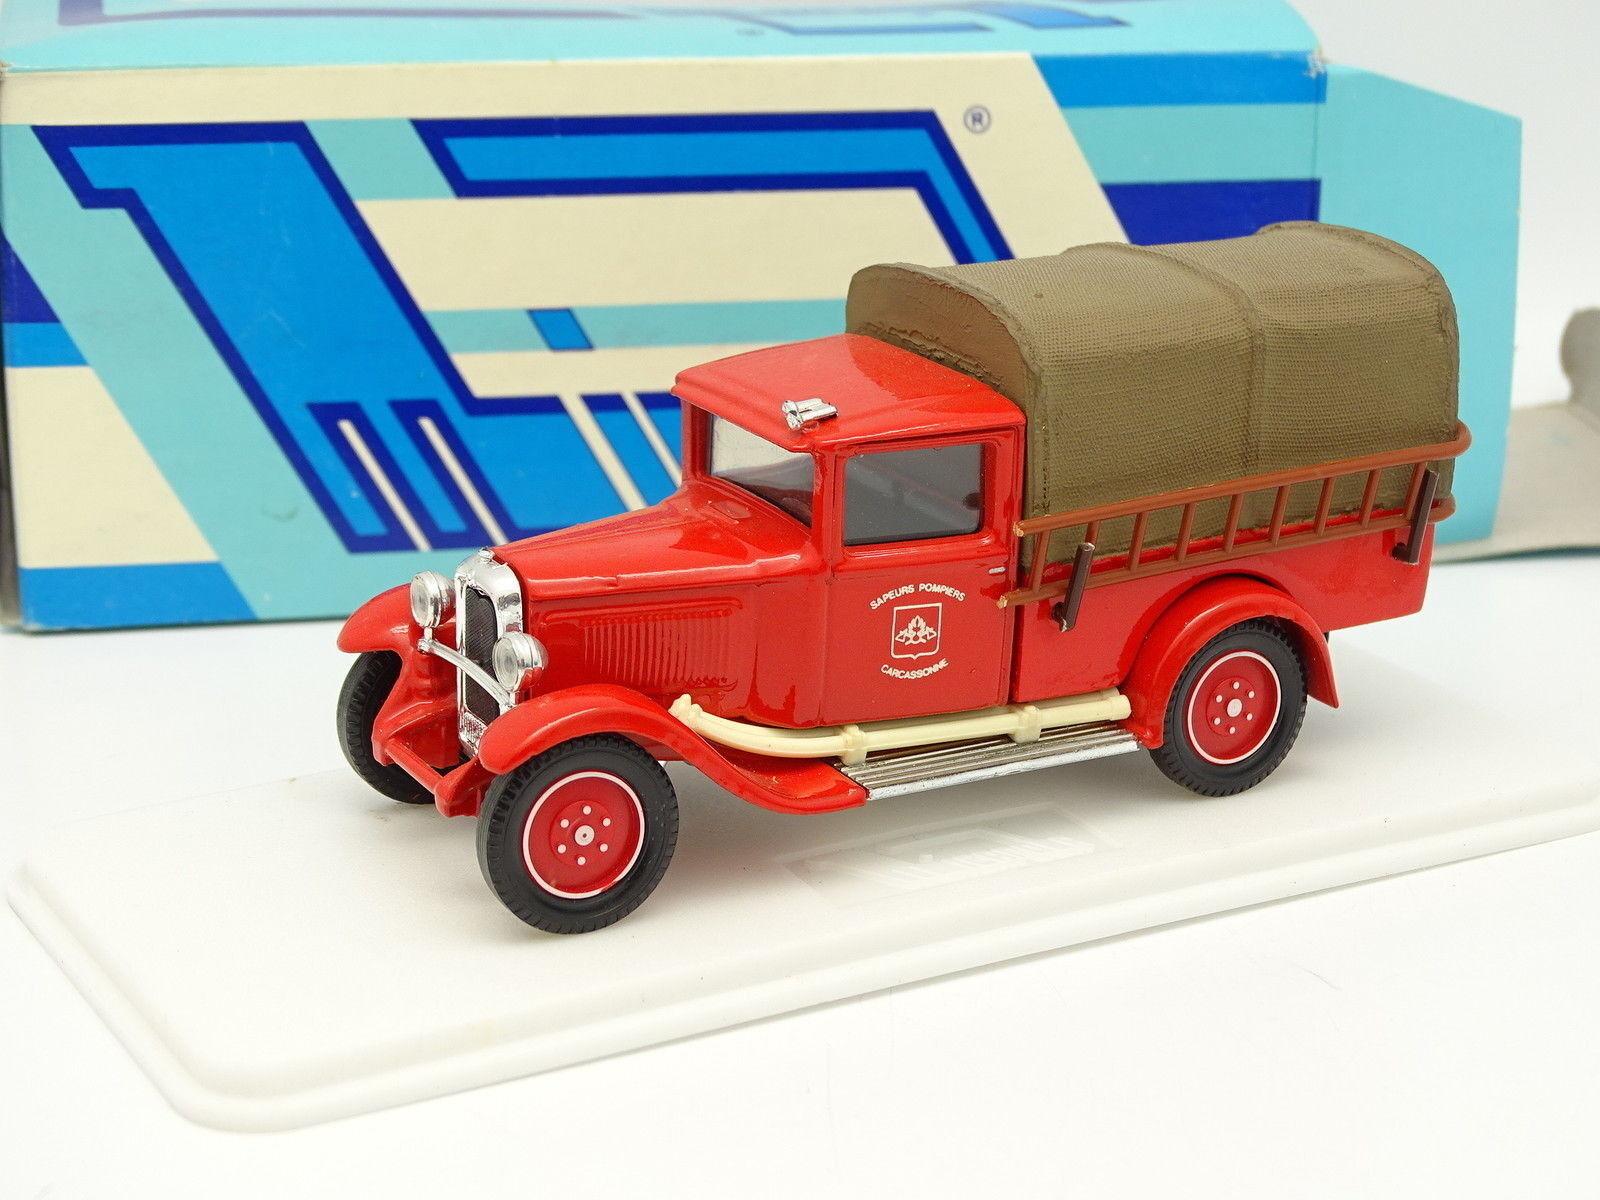 Micarola Solido 1 43 - Citroen C4F Pompiers Carcassonne